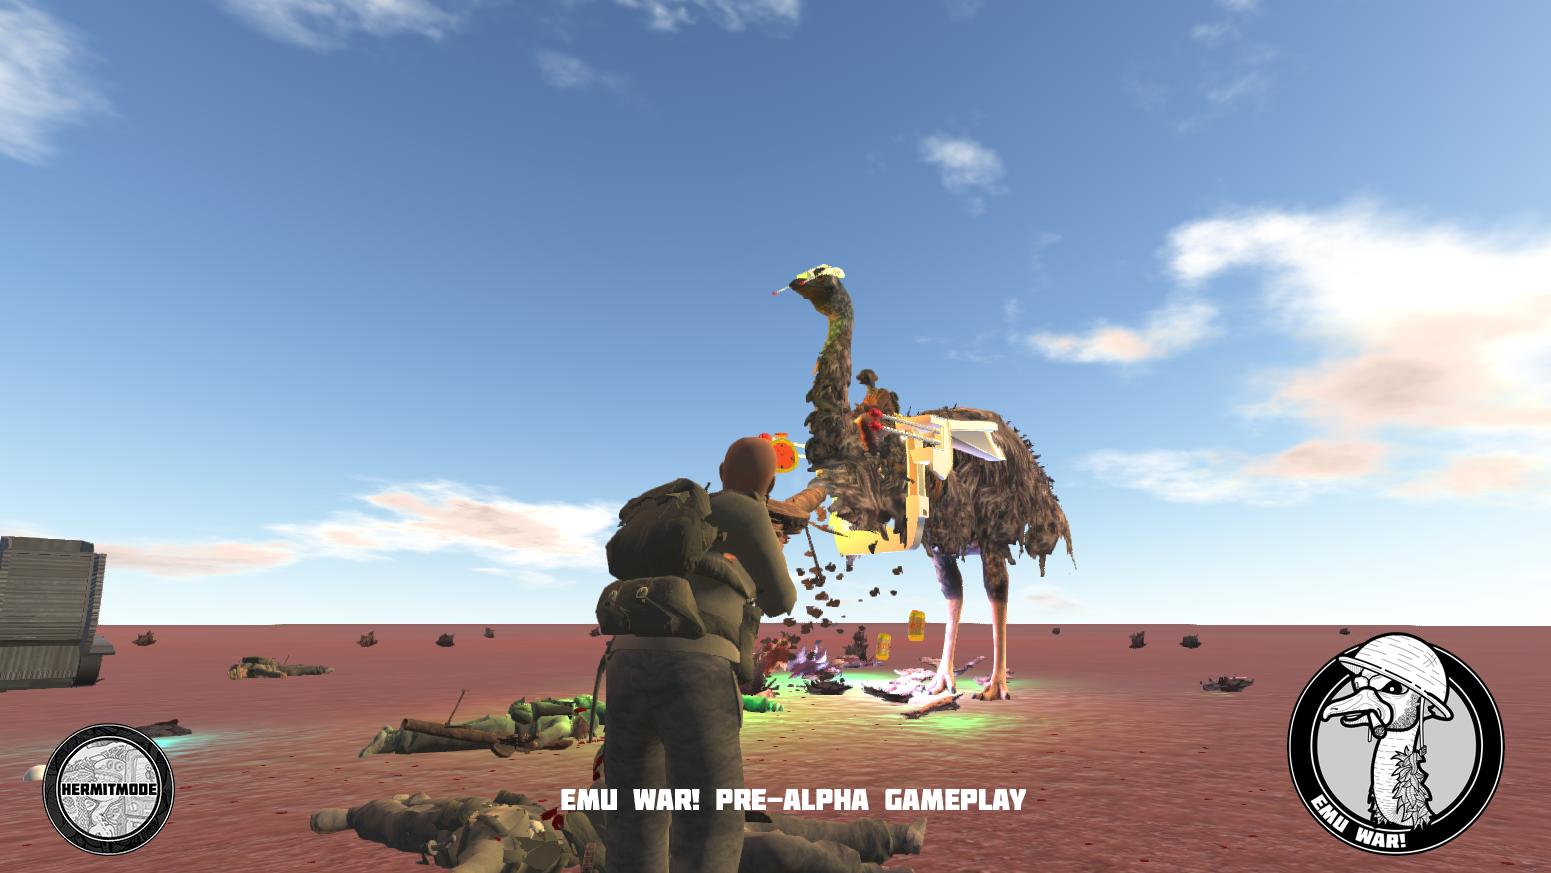 Emu War Promo